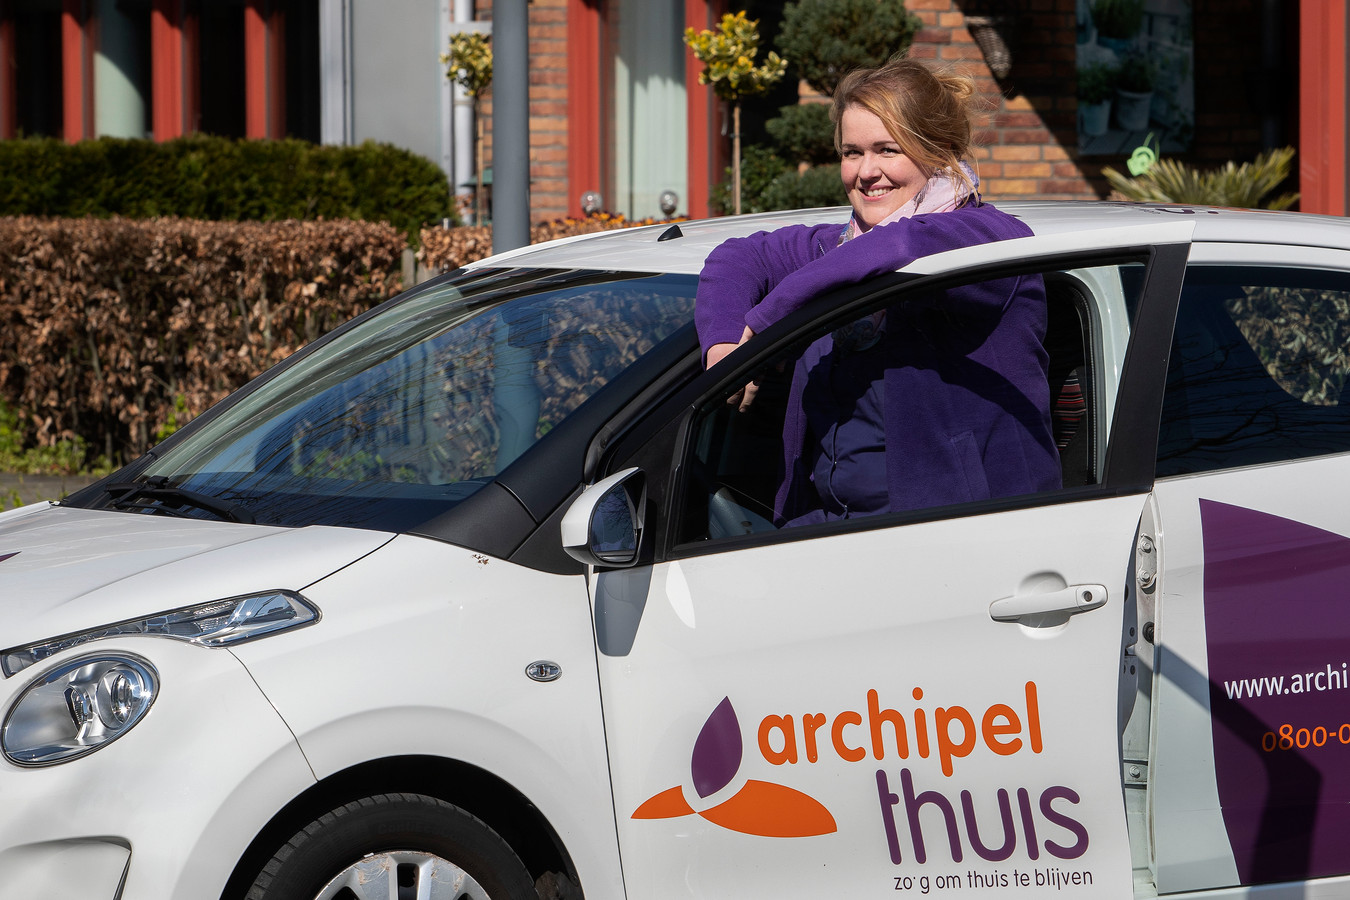 Ghislaine Huyben biedt als wijkverpleegkundige hulp aan mensen die langer zelfstandig thuis kunnen wonen met ondersteuning van Thuiszorg.